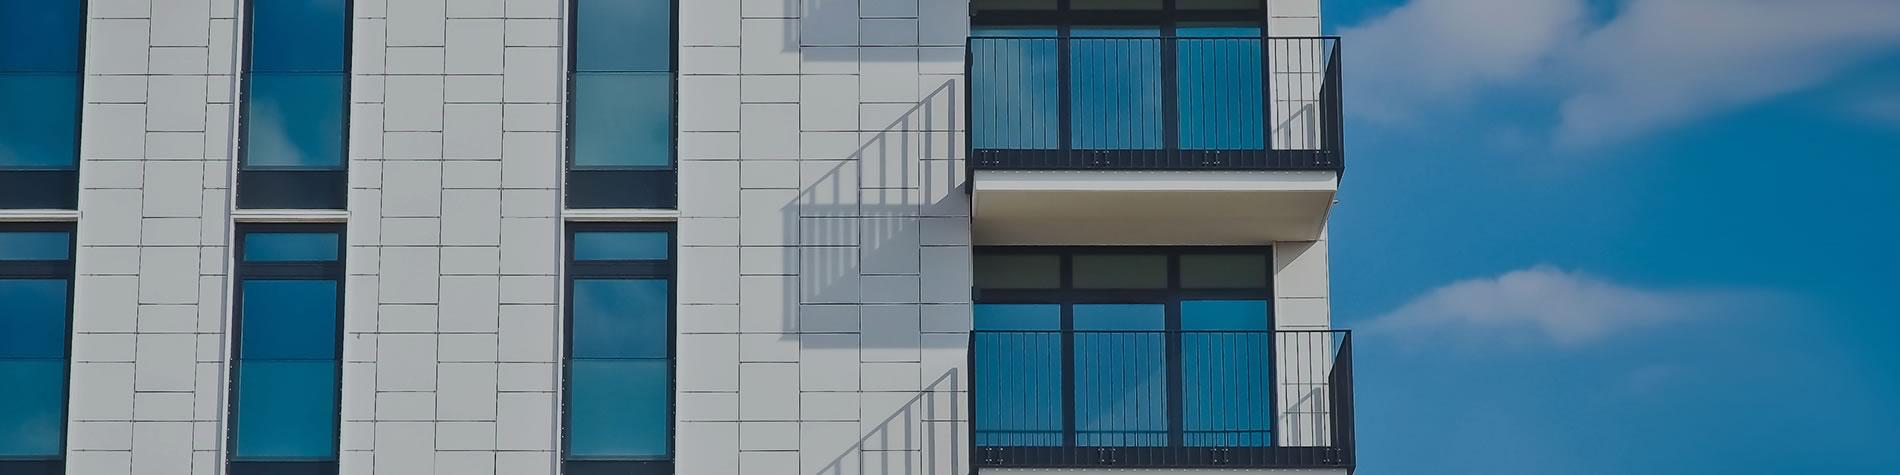 Convocatòria d'ajuts d'Habitabilitat del Consorci Metropolità de l'Habitatge